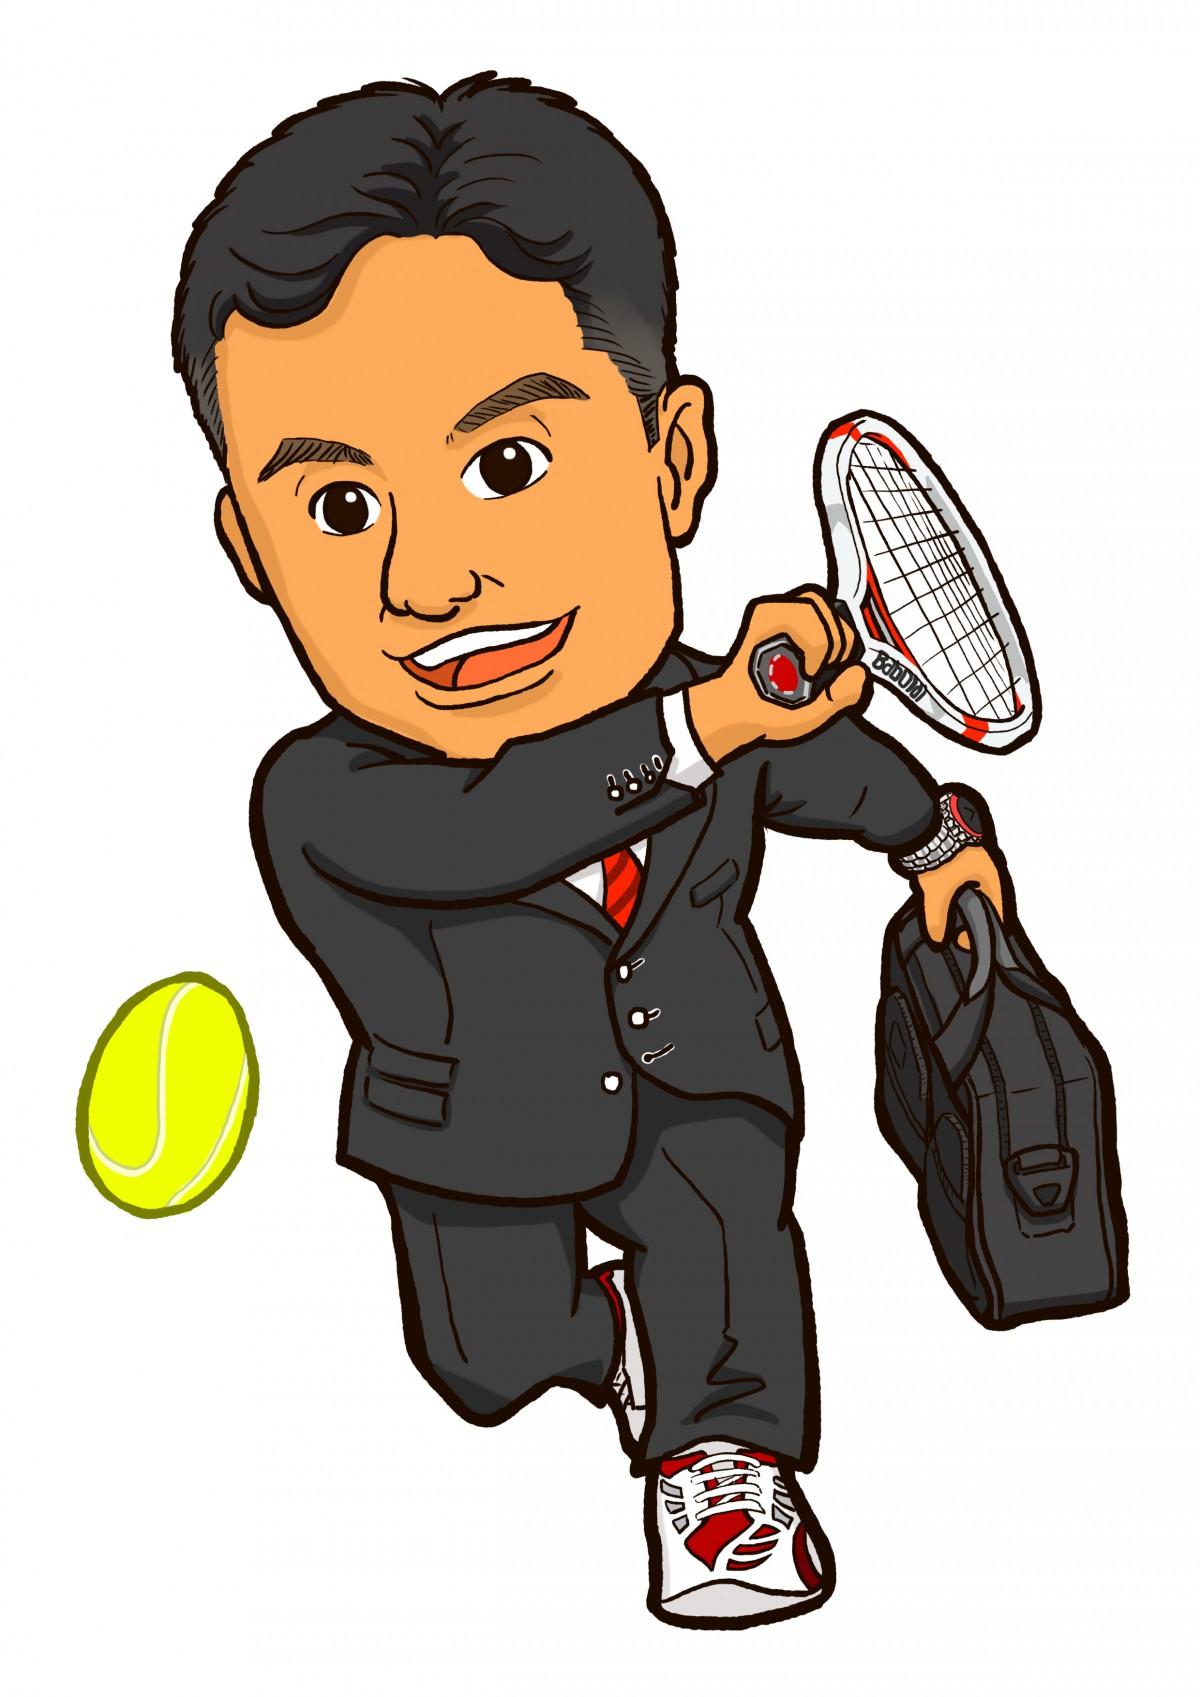 スーツ姿でテニスをする保険販売員様似顔絵